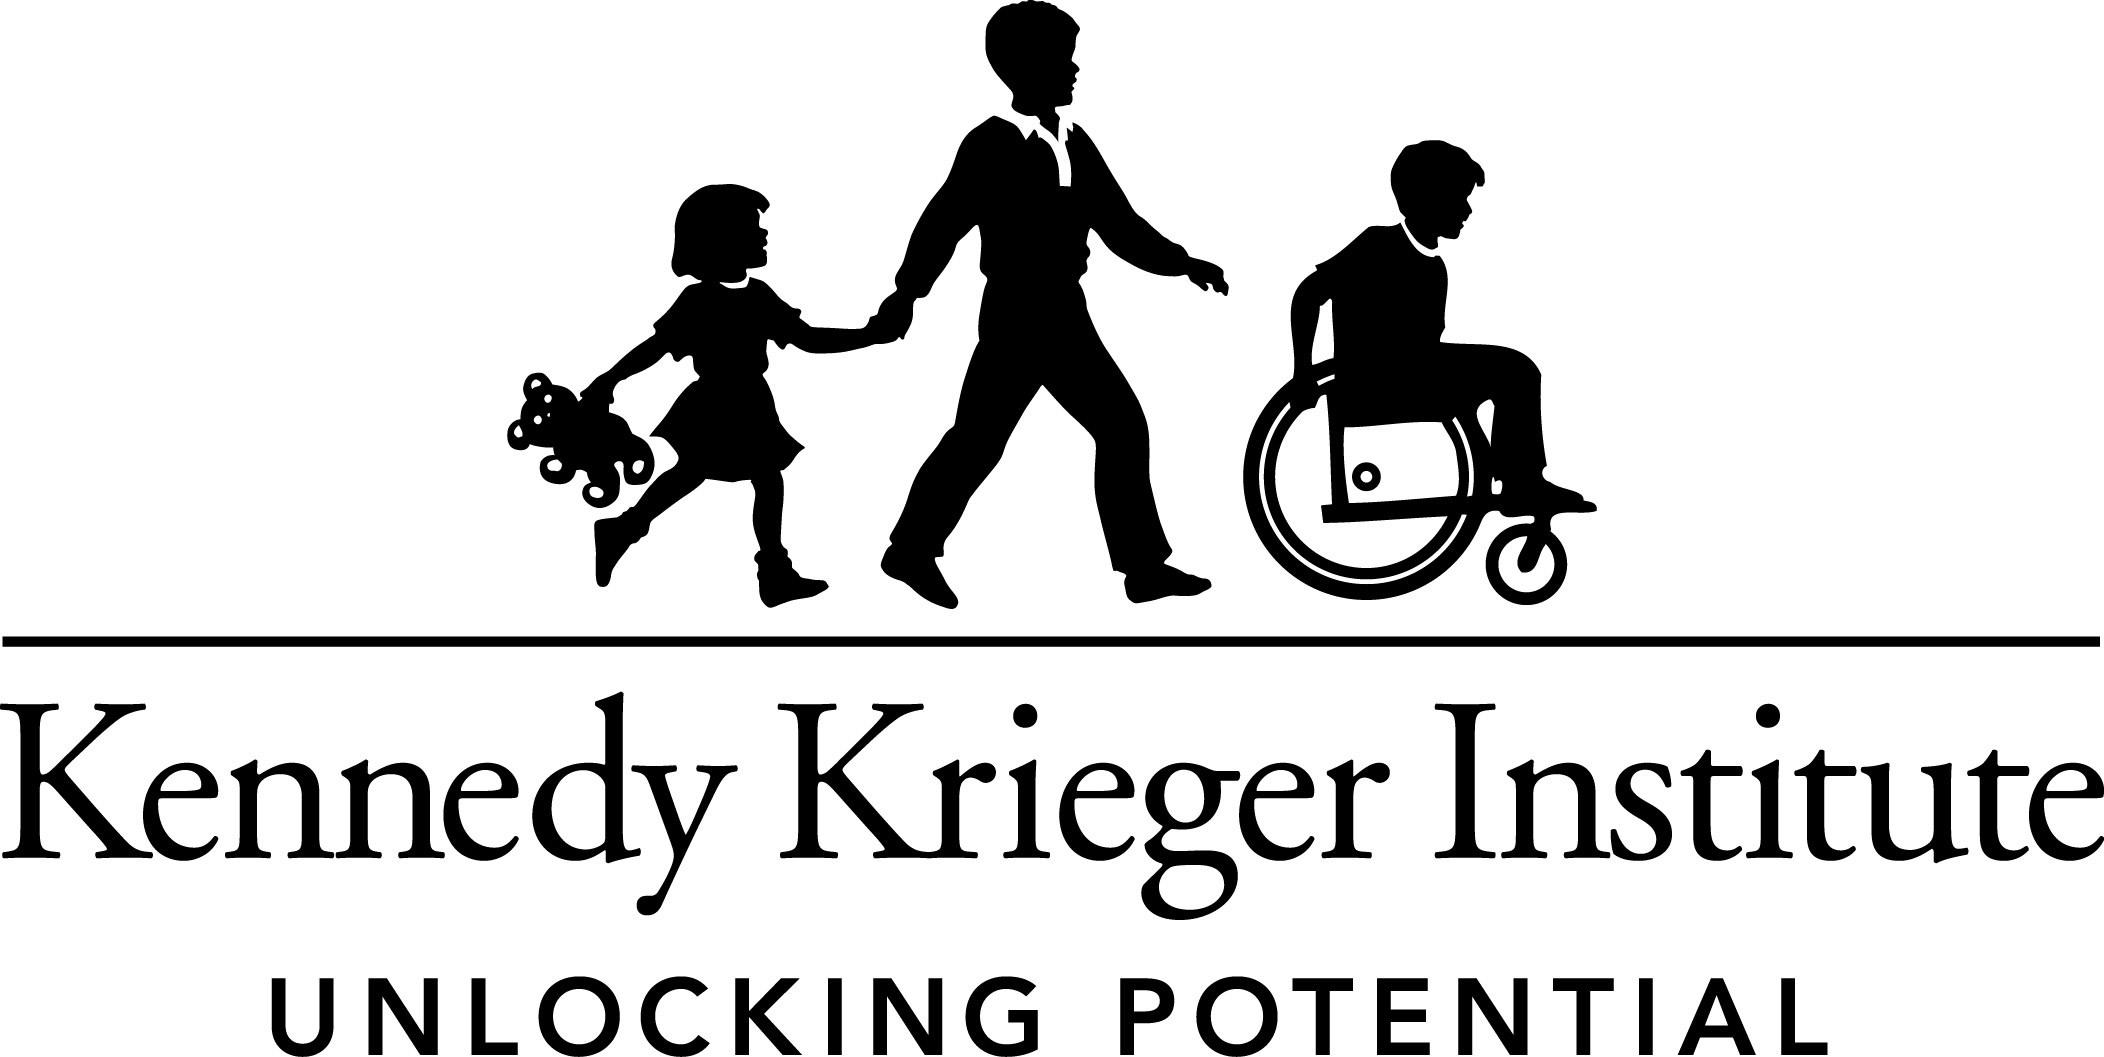 Kennedy Krieger logo